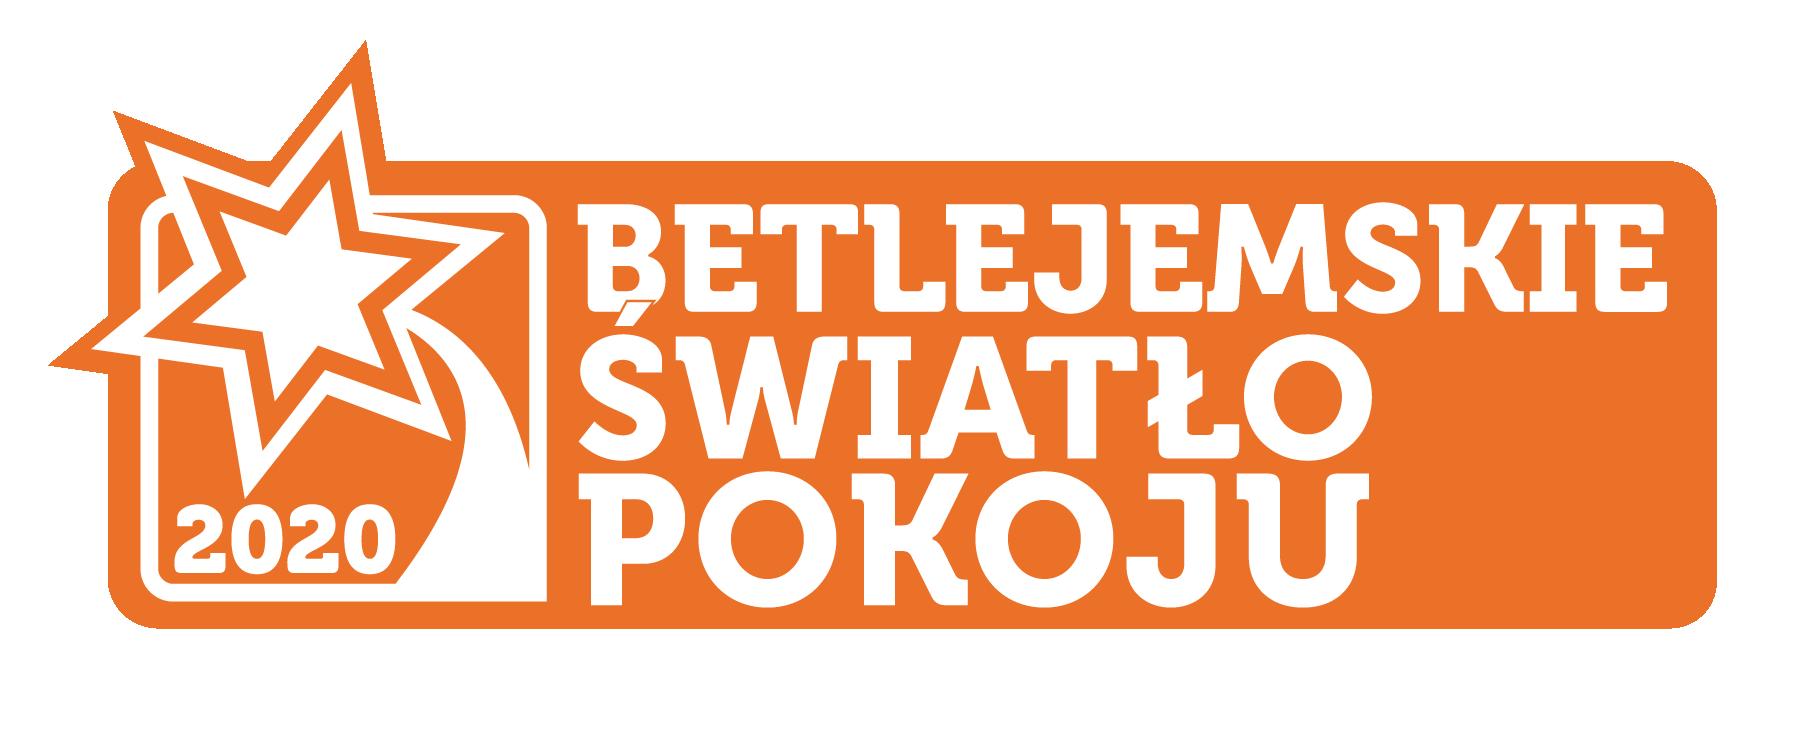 Betlejemskie Światło Pokoju dotarło już do Łukowa!  - Zdjęcie główne